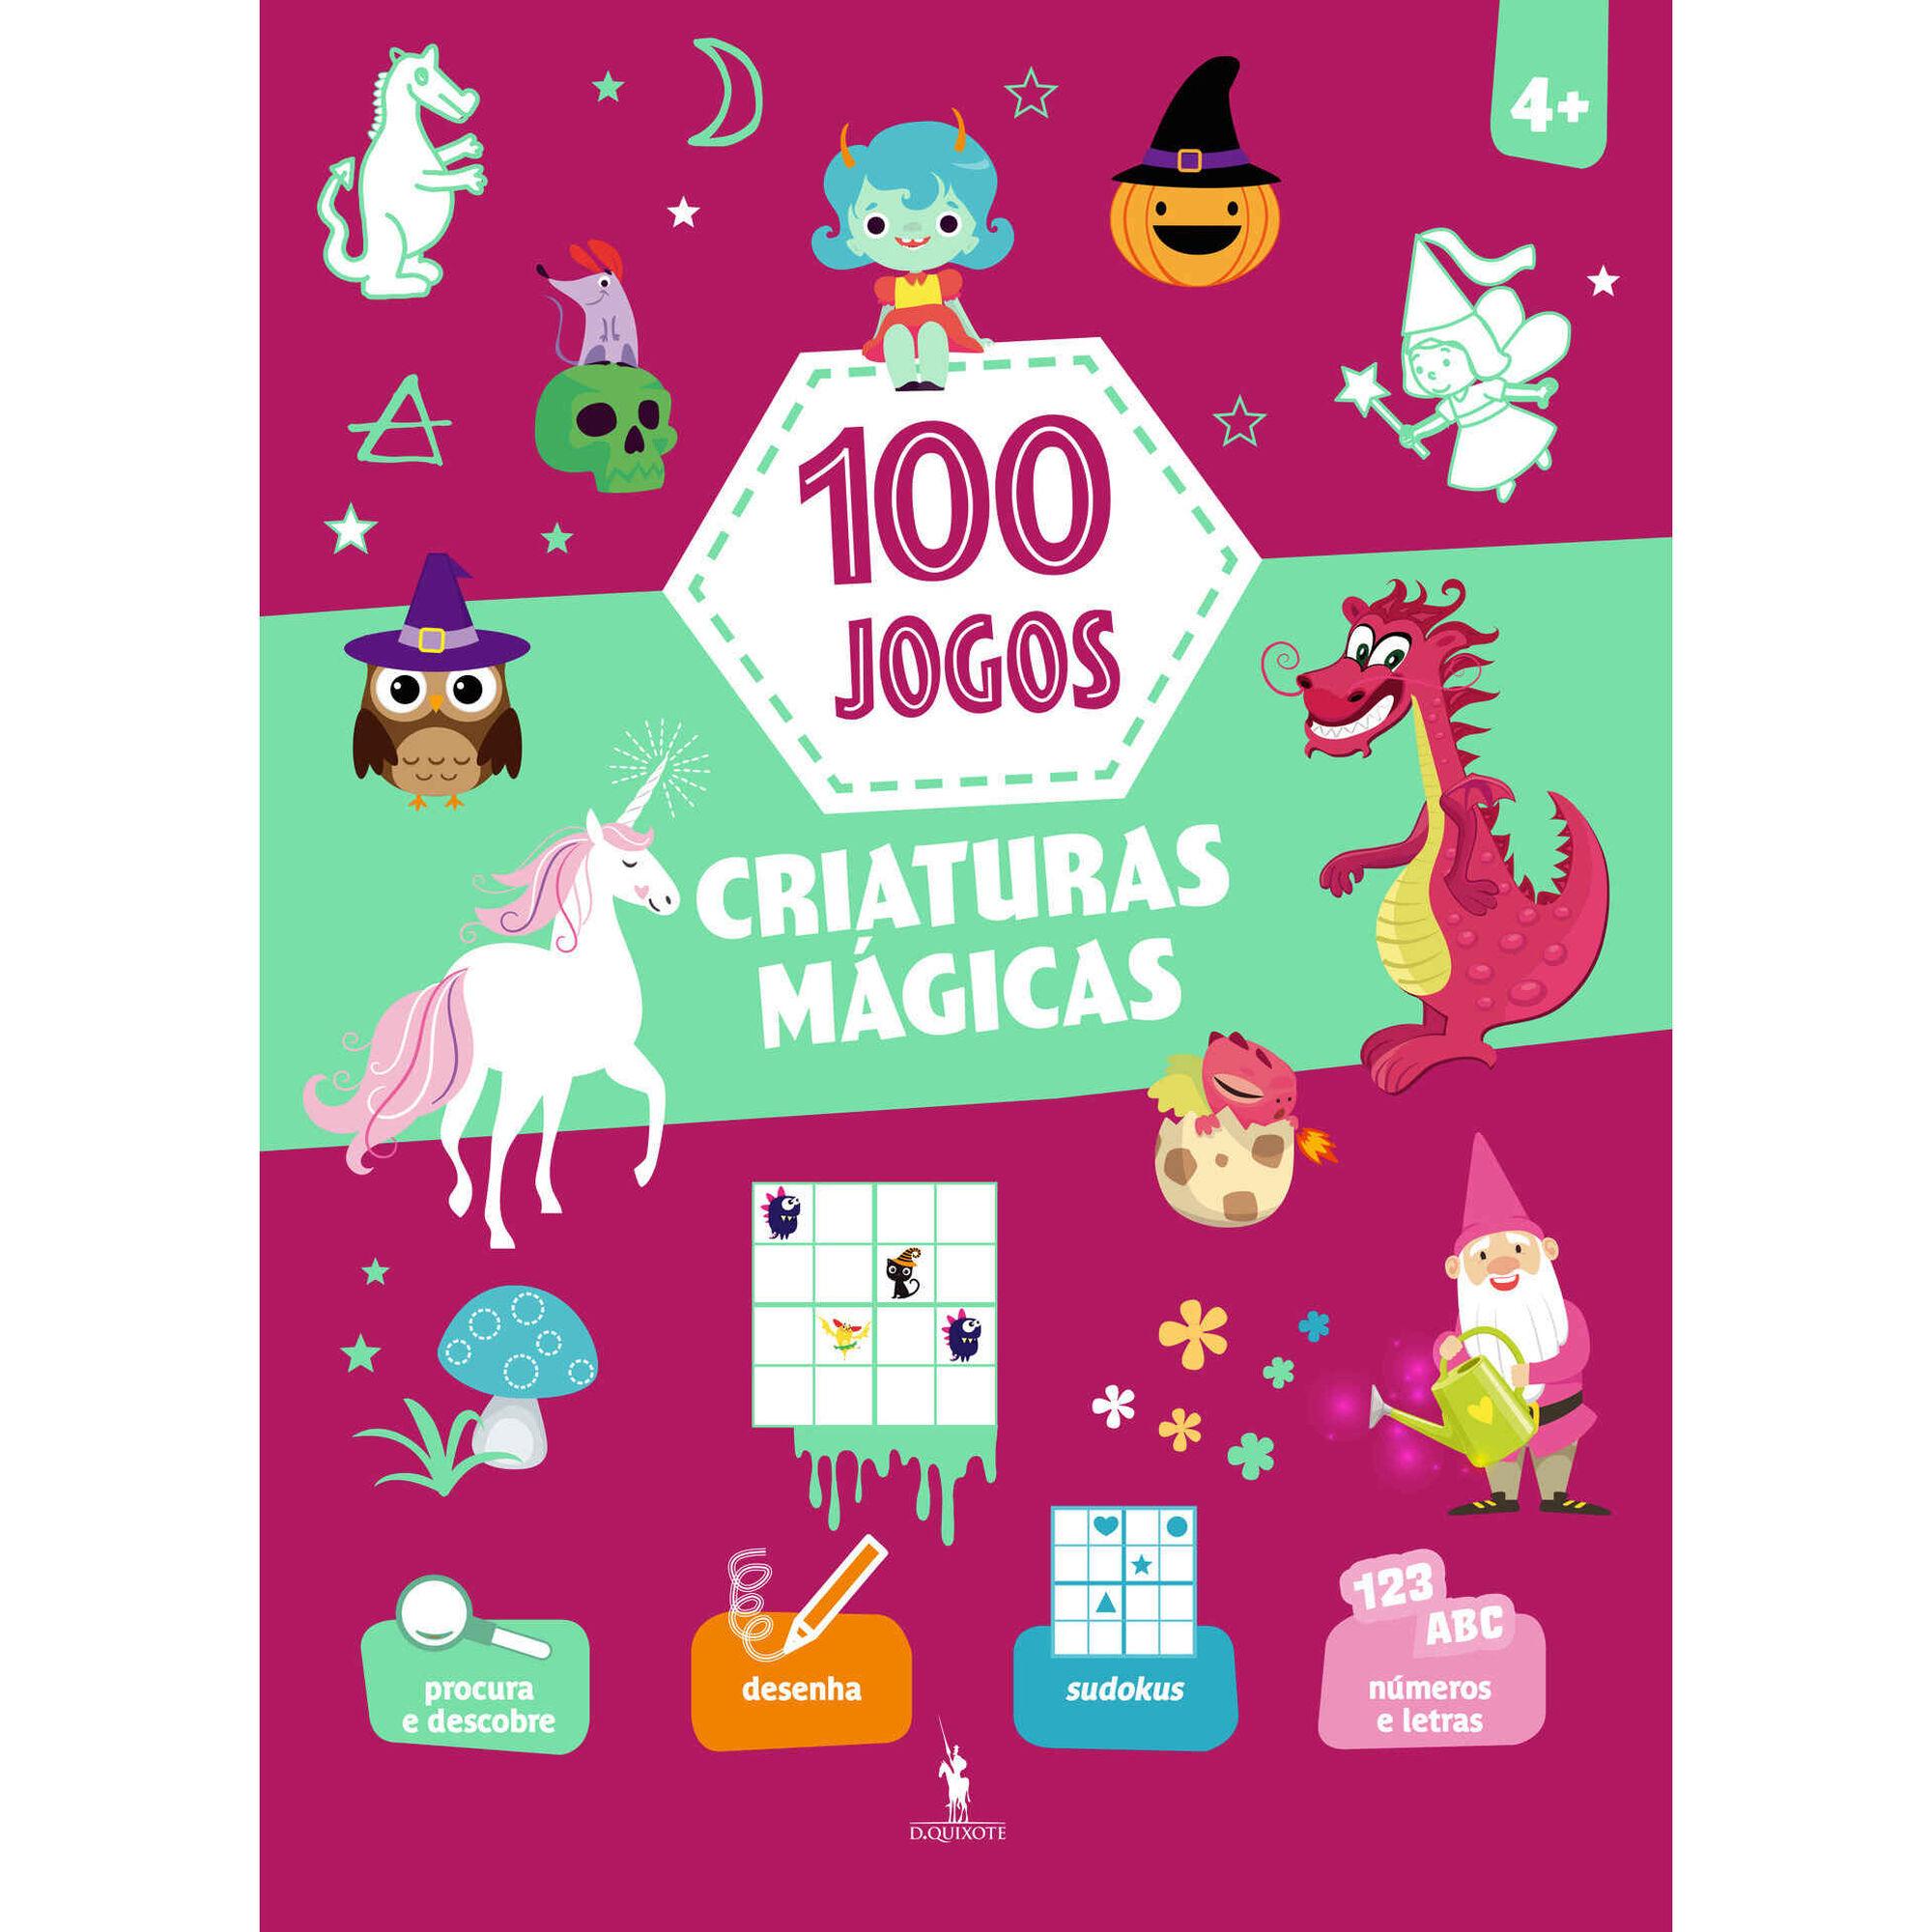 100 Jogos - Criaturas Mágicas